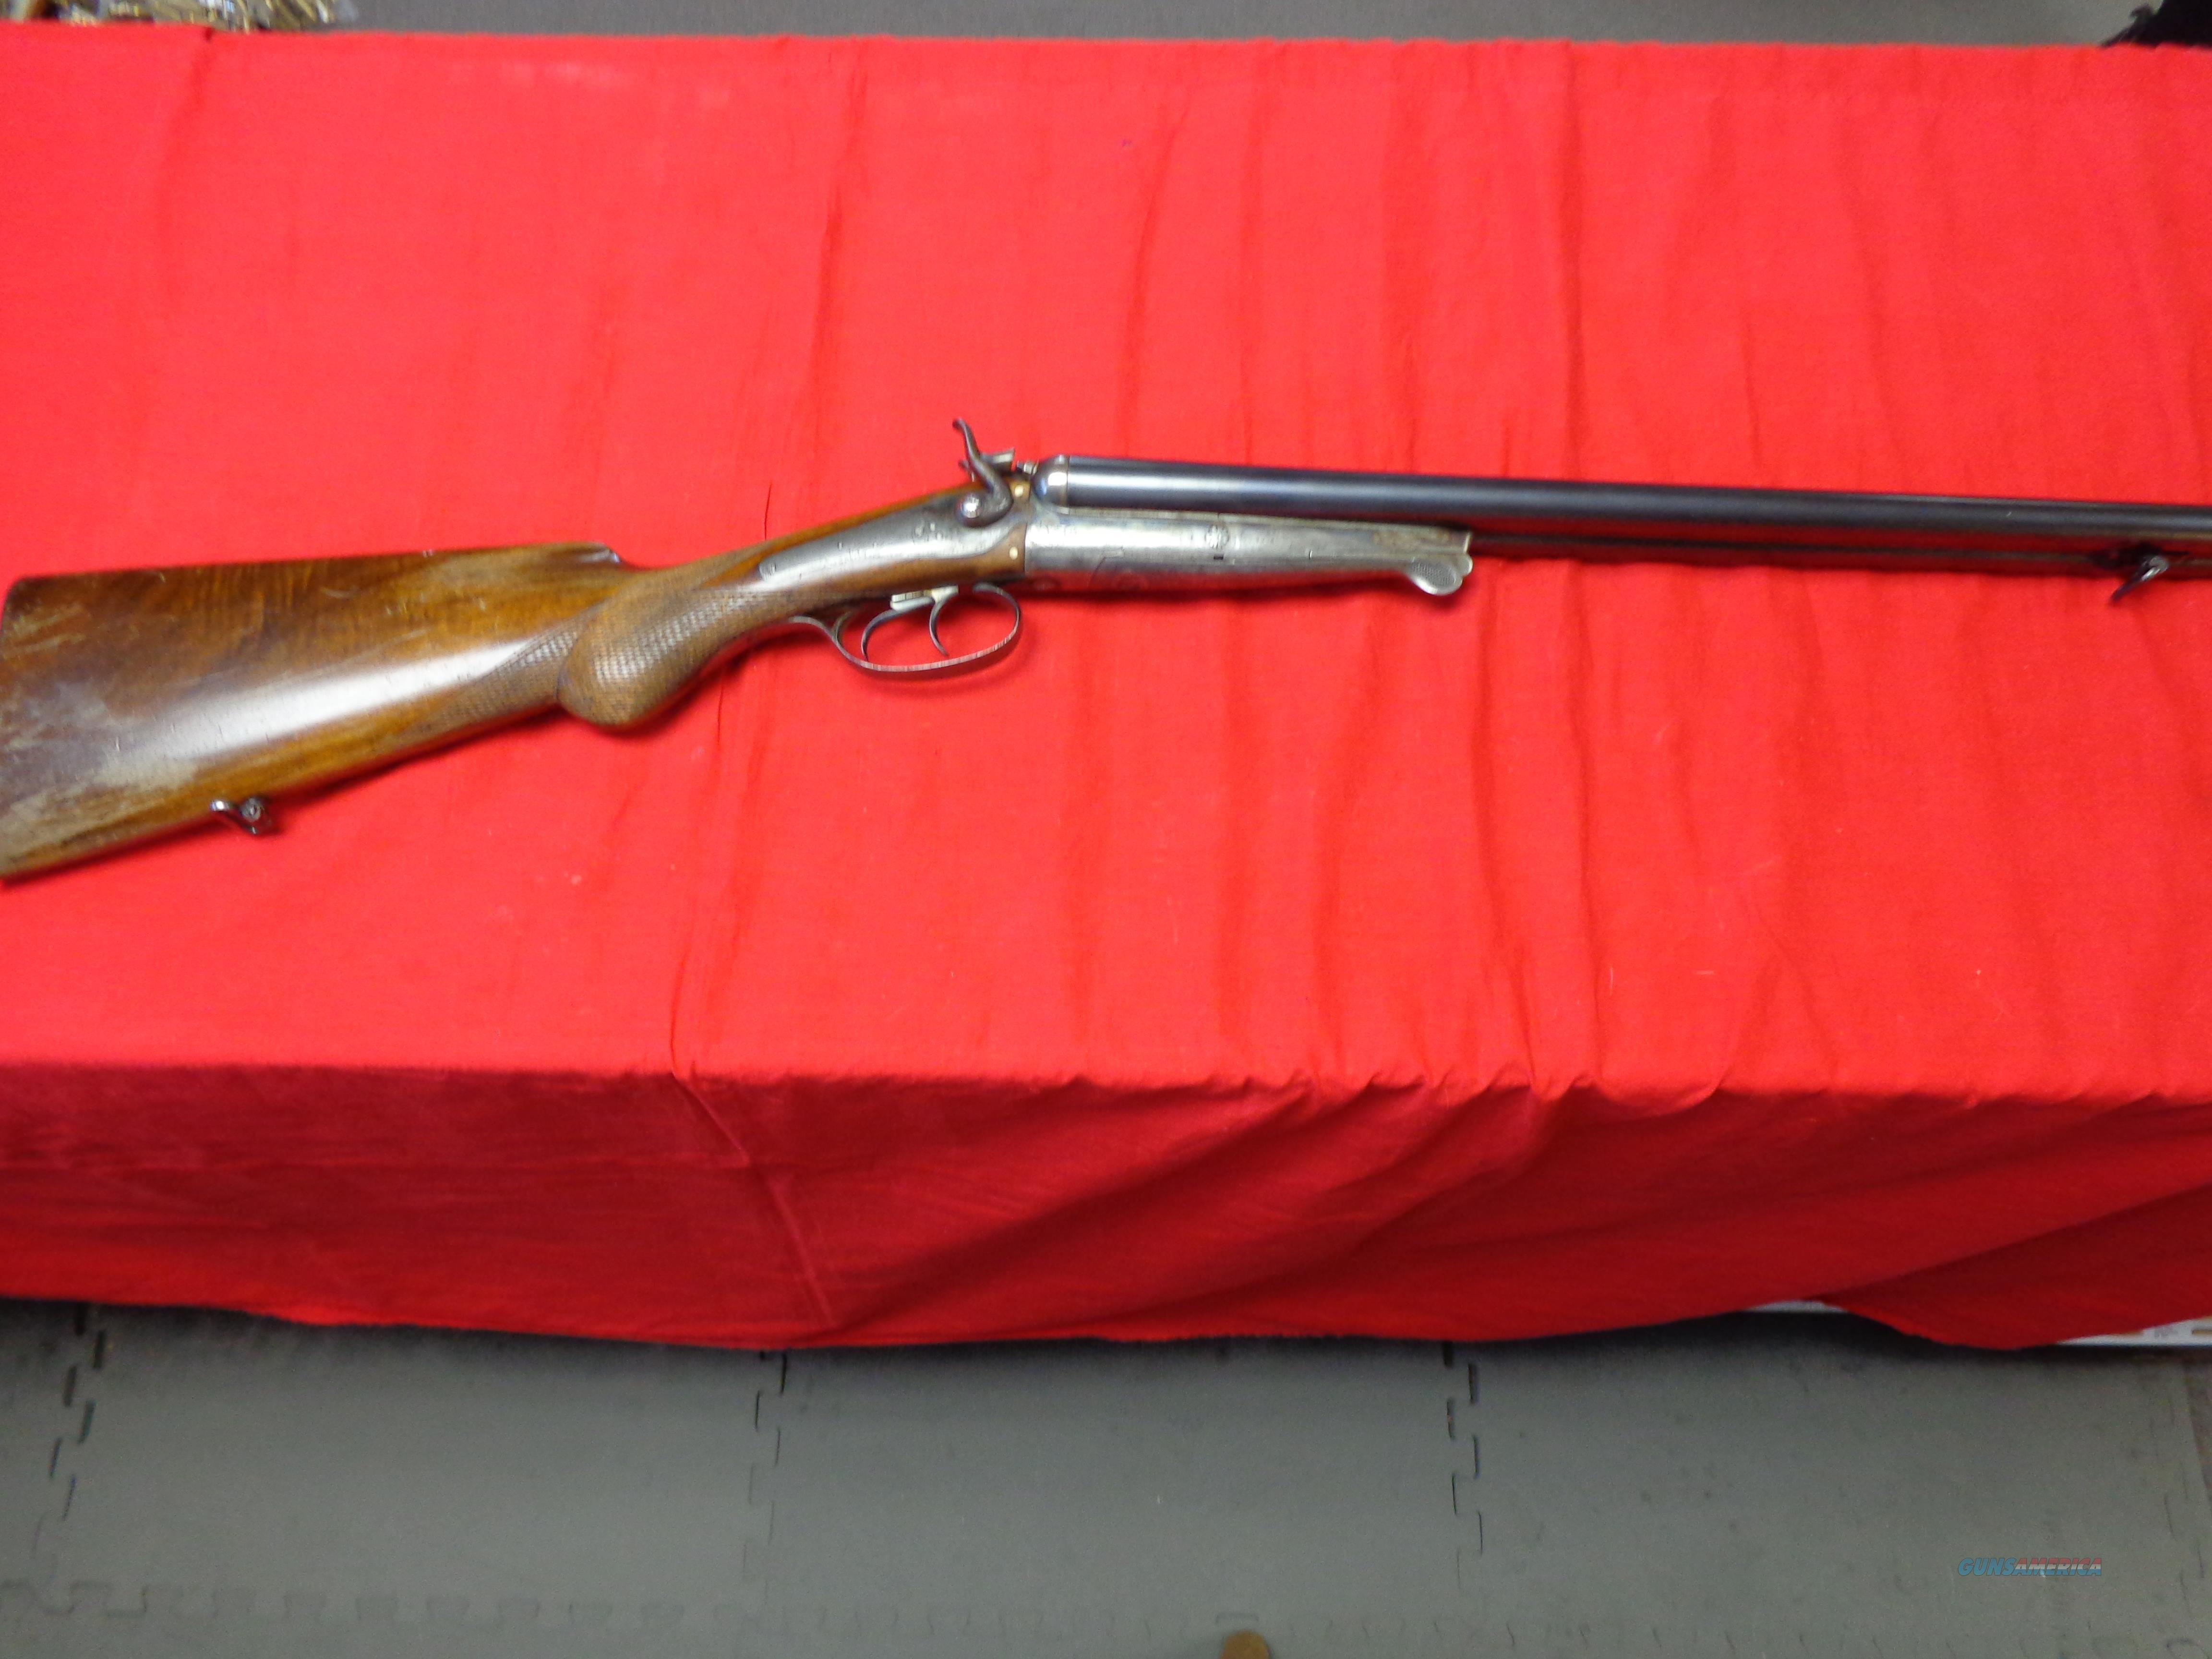 HUSQVARNA S X S 16 G  Guns > Shotguns > H Misc Shotguns